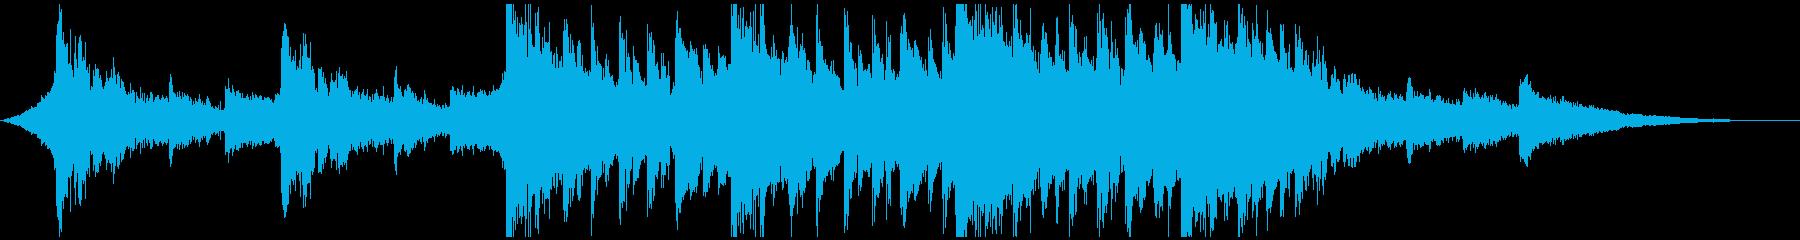 代替案 ポップ 現代的 交響曲 エ...の再生済みの波形